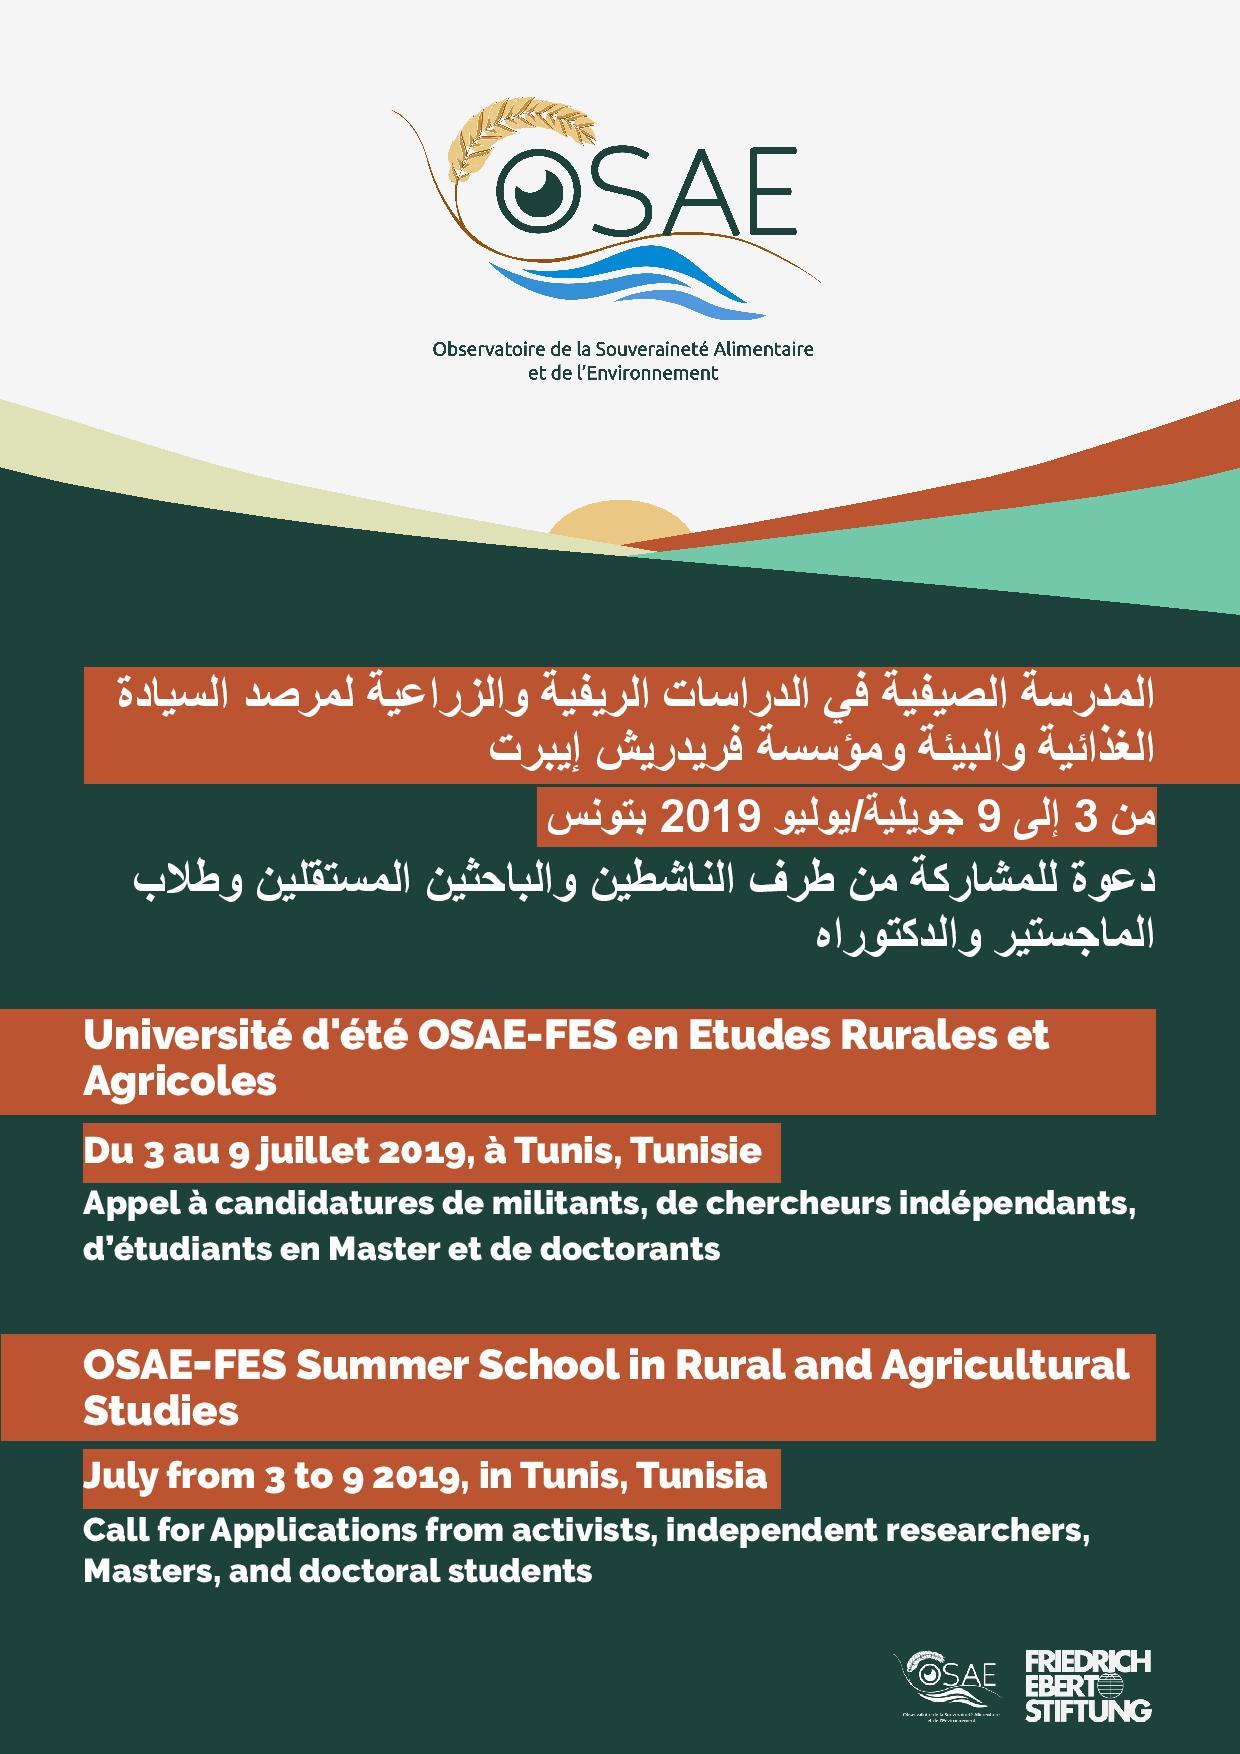 المدرسة الصيفية في الدراسات الريفية والزراعية لمرصد السيادة الغذائية والبيئة ومؤسسة فريدريش إيبرت 3